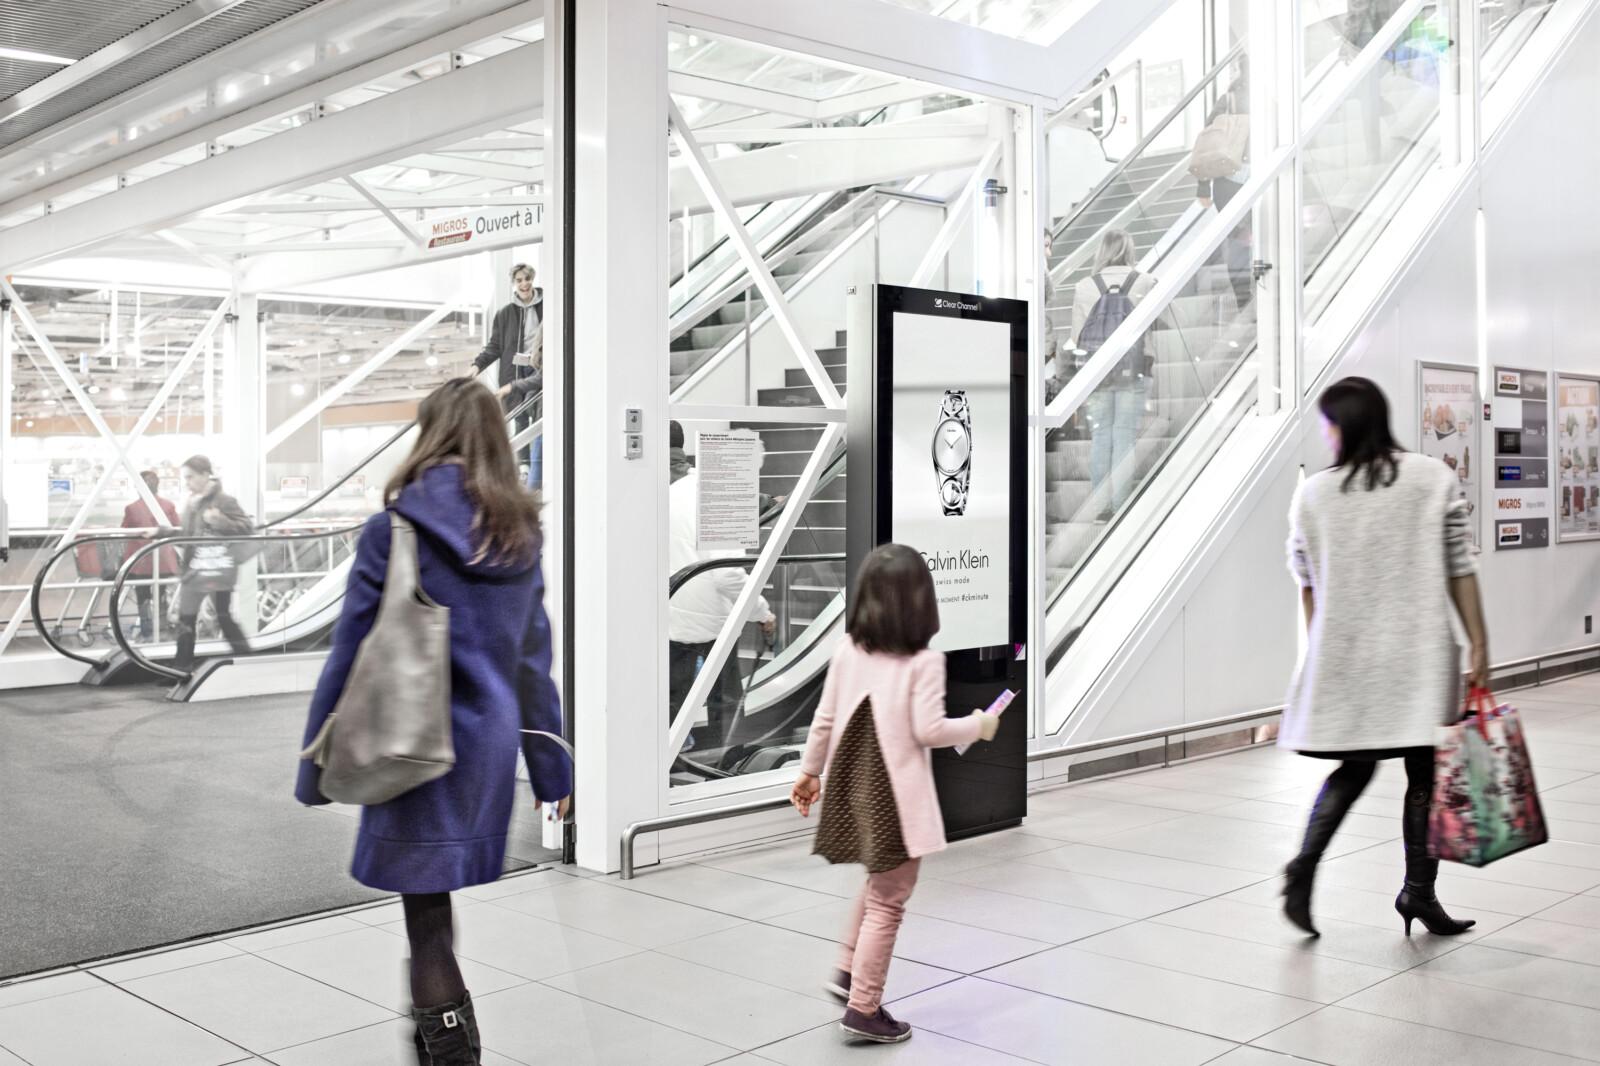 Affiche dans le centre commercial - Publicité numérique sur écran dans le centre commercial - Augmenter les achats sur le point de vente grâce à l'affichage - Grande portée, flexibilité, contrôle dynamique et adaptation du motif